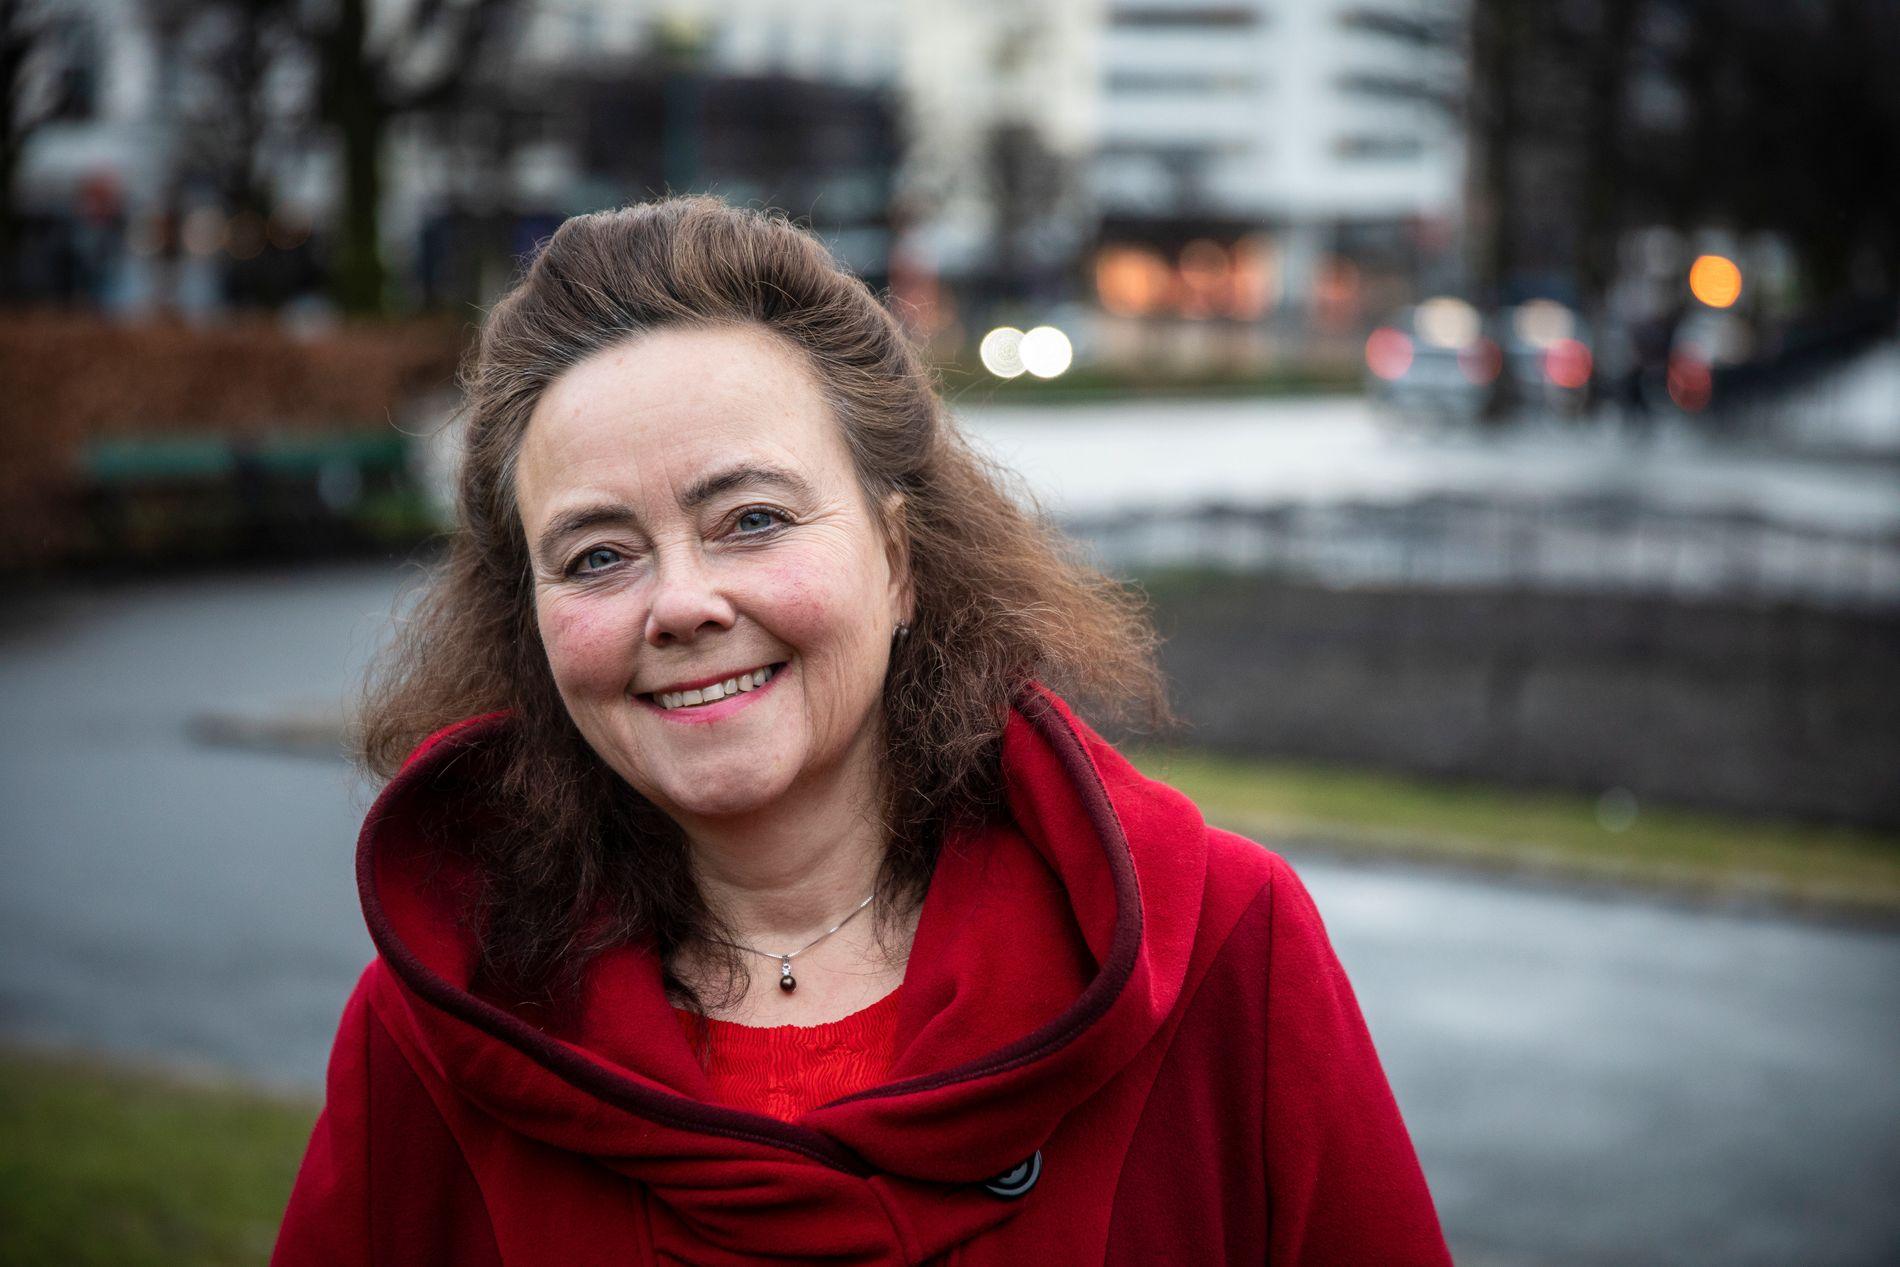 FOR LAV KAPASITET: «Superbuss-konseptet» anbefales ikke i Bergen, blant annet fordi den har for lav kapasitet pr. buss. Bybane er den eneste måten å tilrettelegge for et kollektivtilbud med tilstrekkelig kapasitet, skriver byråd for byutvikling, Anna Elisa Tryti (Ap).